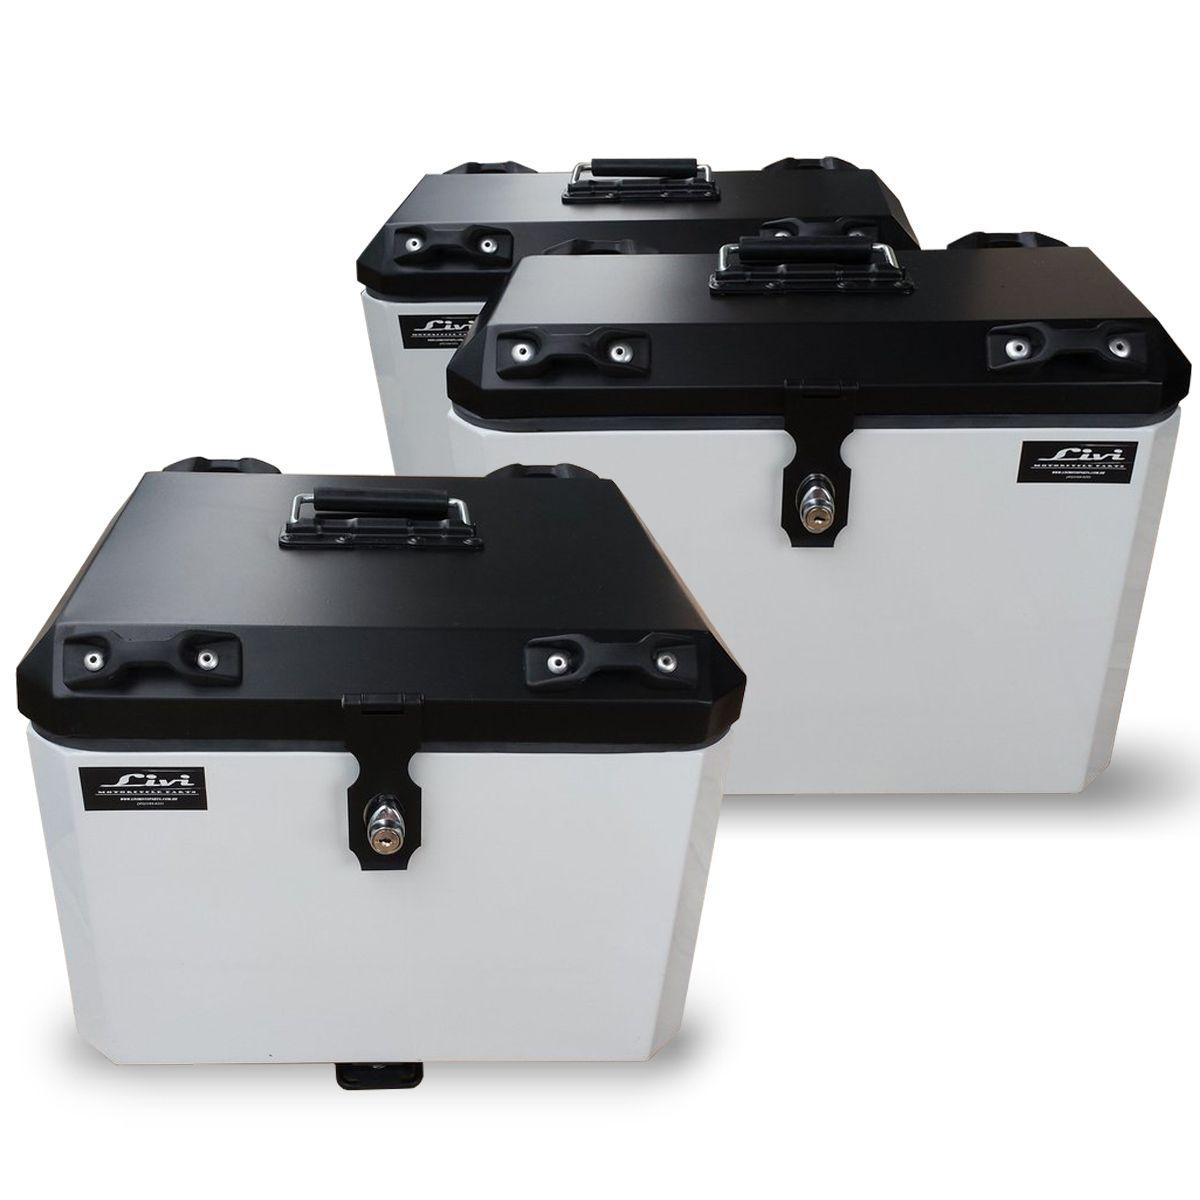 Kit Baú / Bauleto Alumínio Traseiro Top Case + Lateral Side Case + Suporte Para Baú de Alumínio Livi - V-Strom DL 650 até 2012 - Suzuki